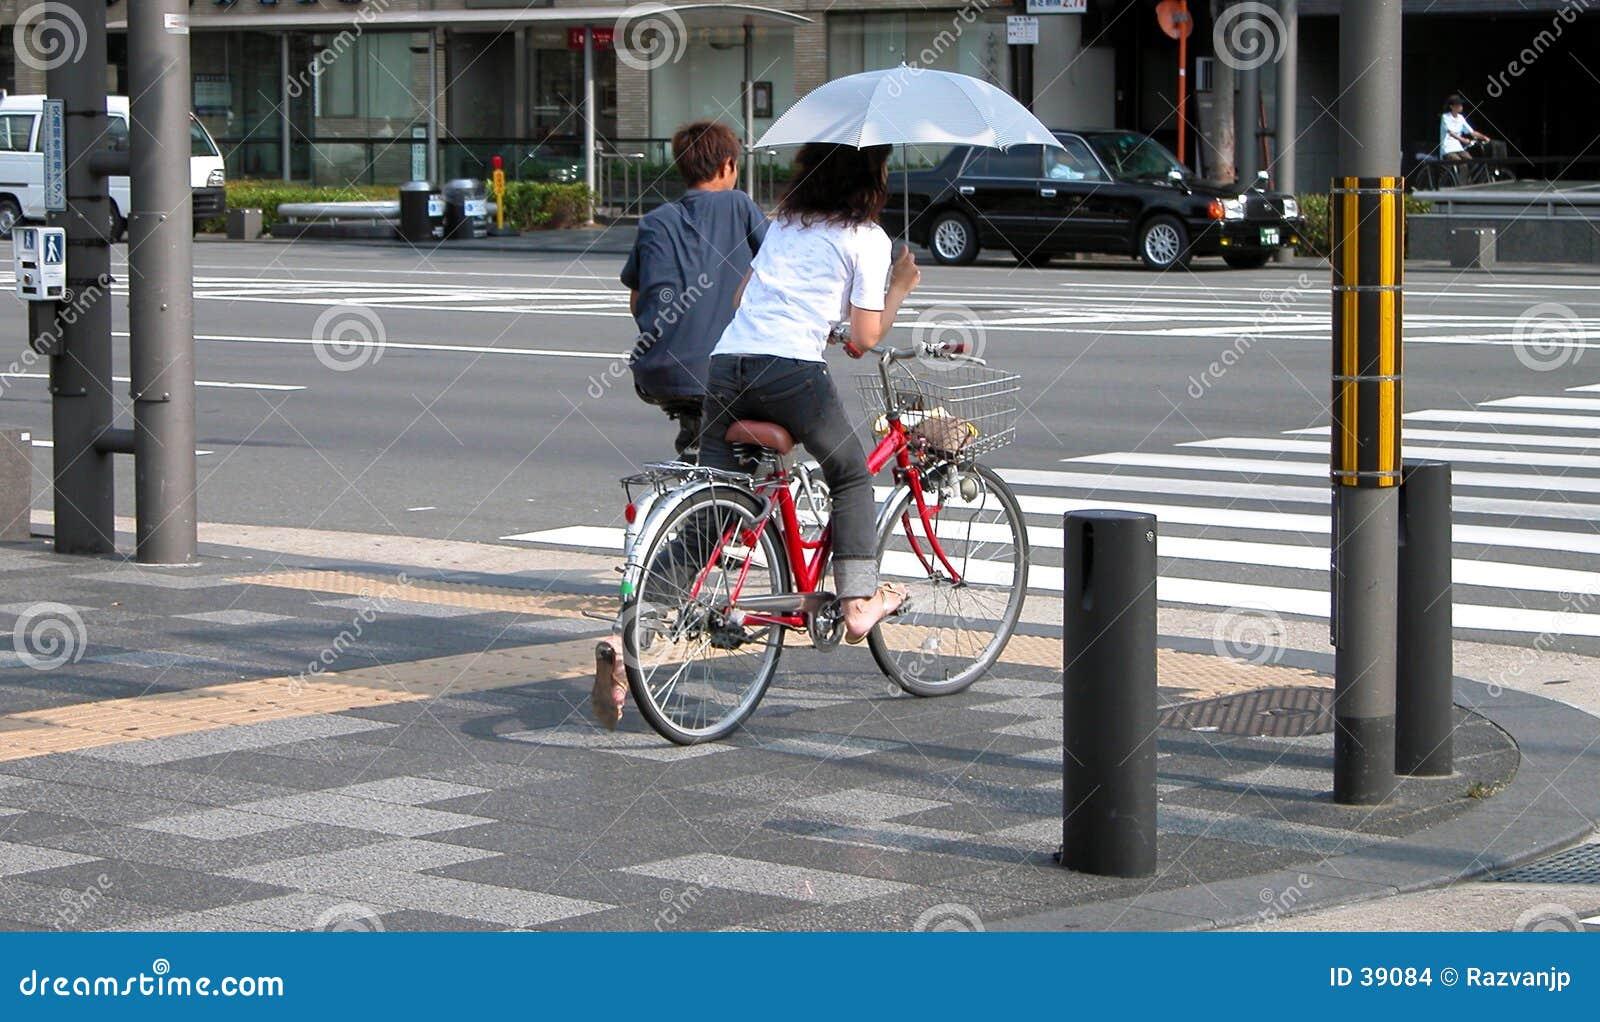 Download Paseo de la ciudad ..... foto de archivo. Imagen de carrocería - 39084